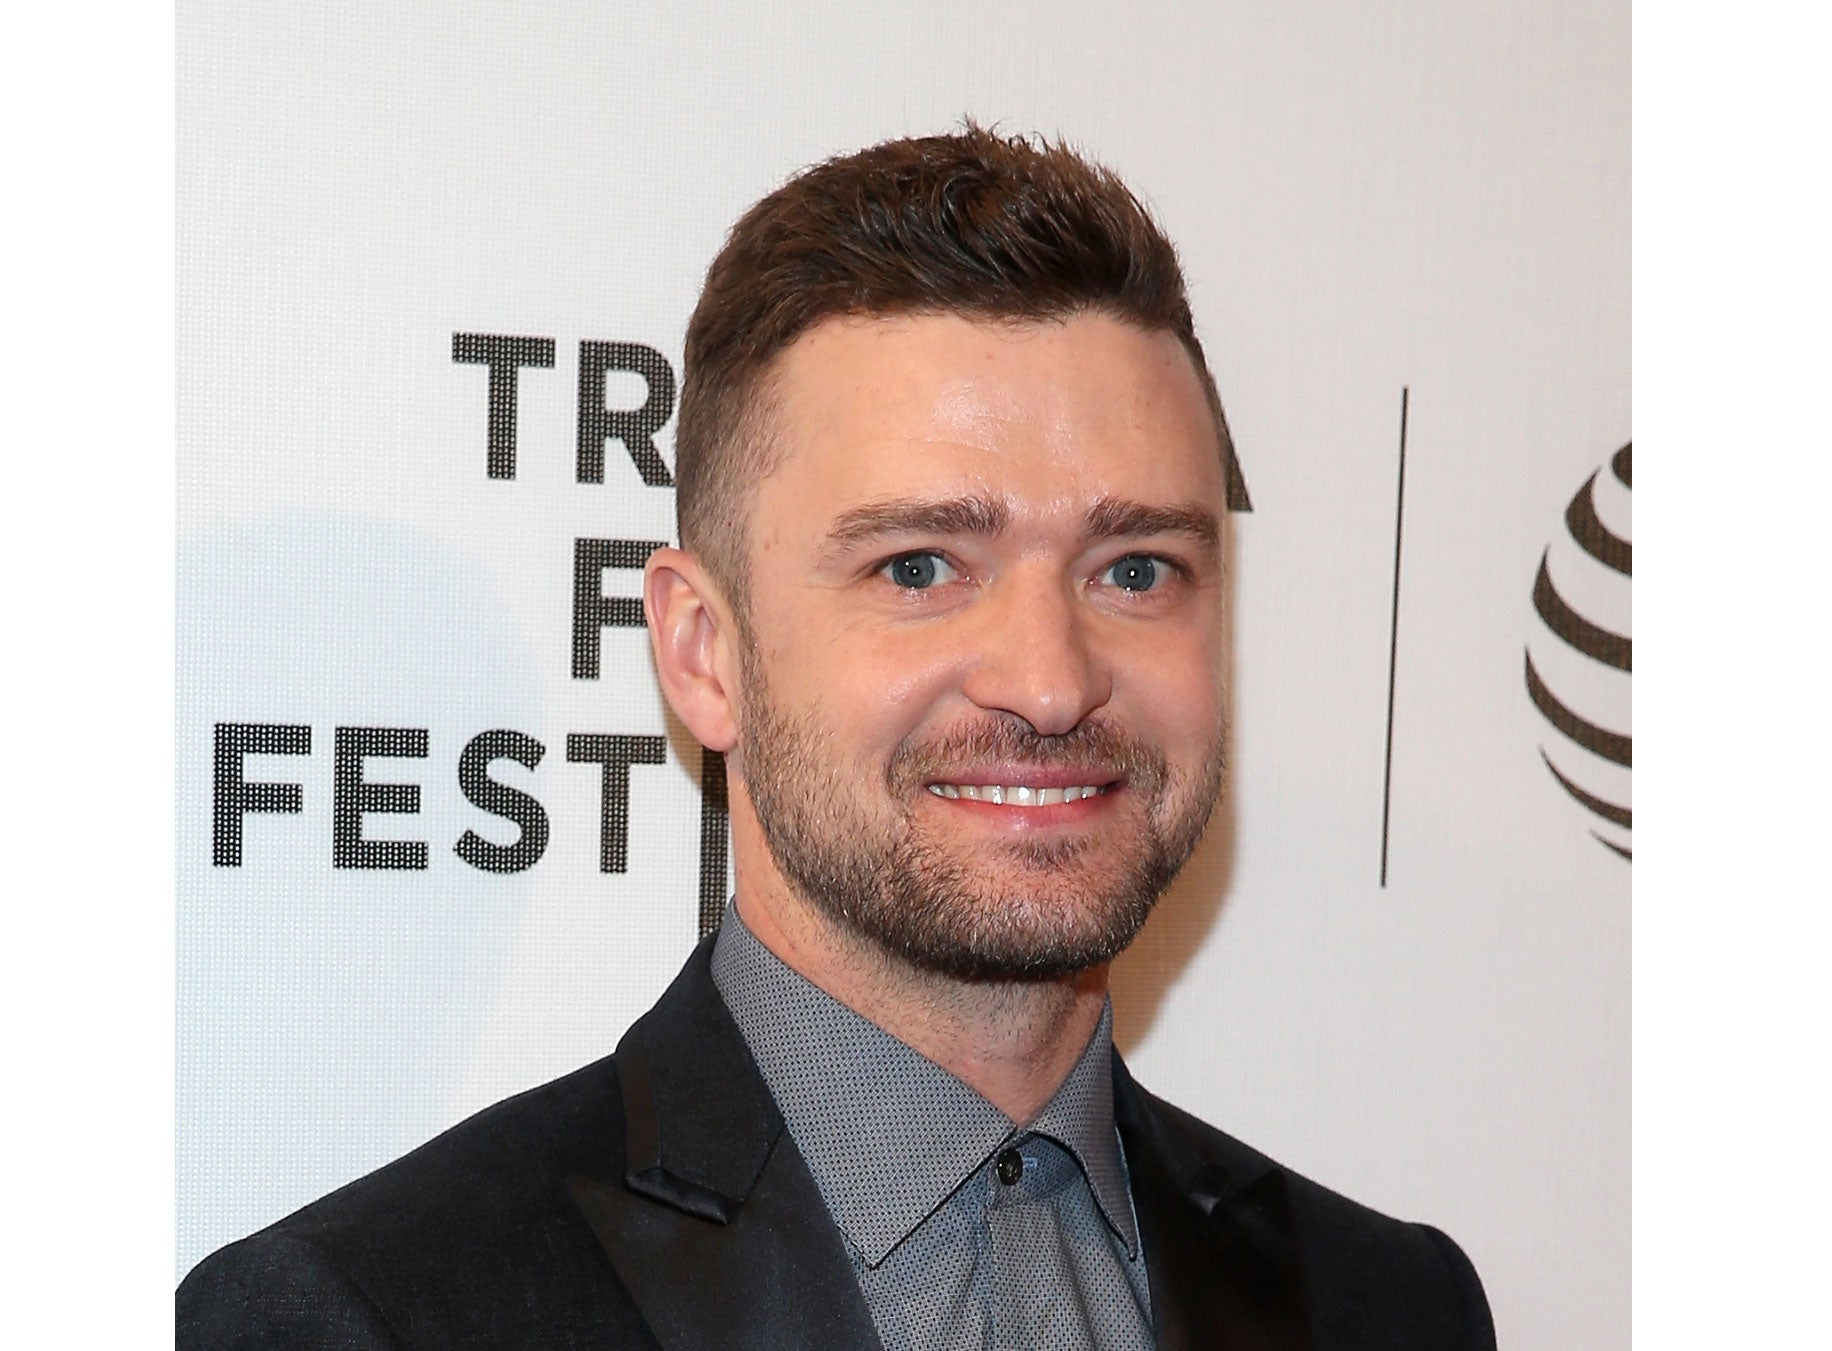 Jesse Williams' BET Awards Speech 'Inspired' Justin Timberlake, Backlash Ensues